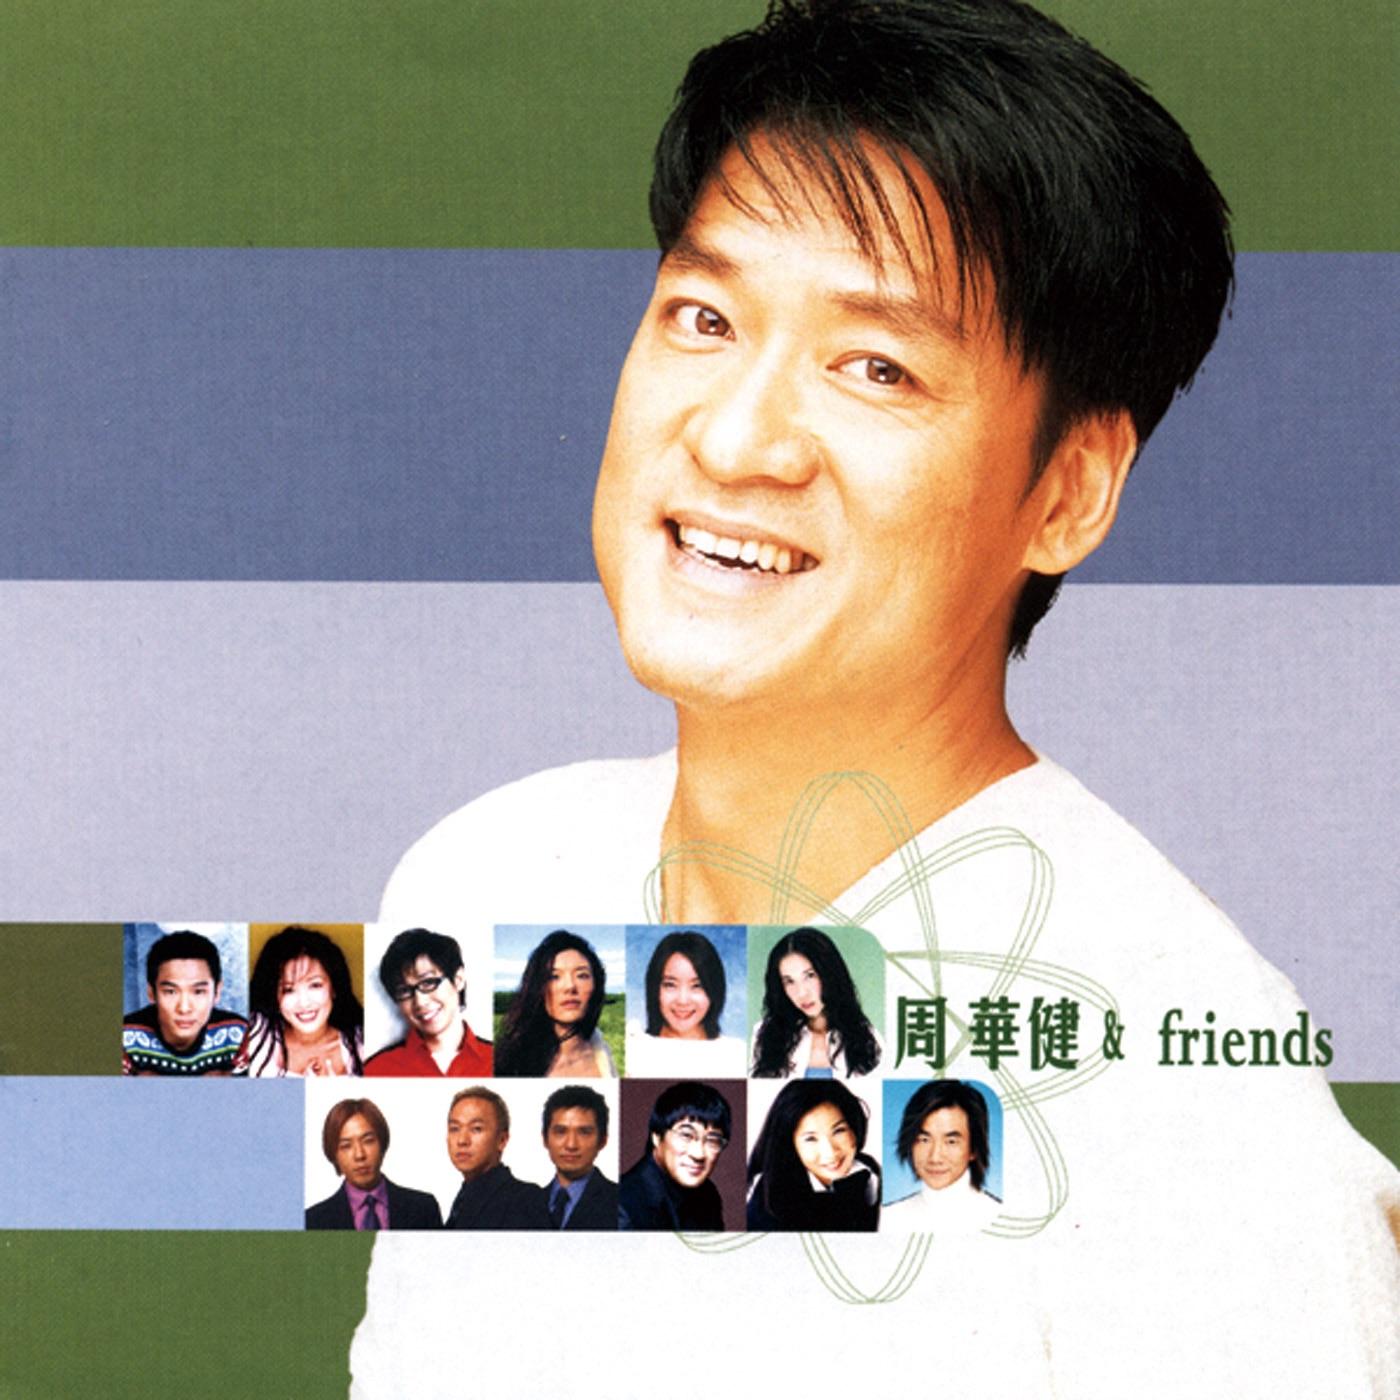 Download 1 lagu 周华健 (Emil Chau) MP3 Gratis Terbaru ...